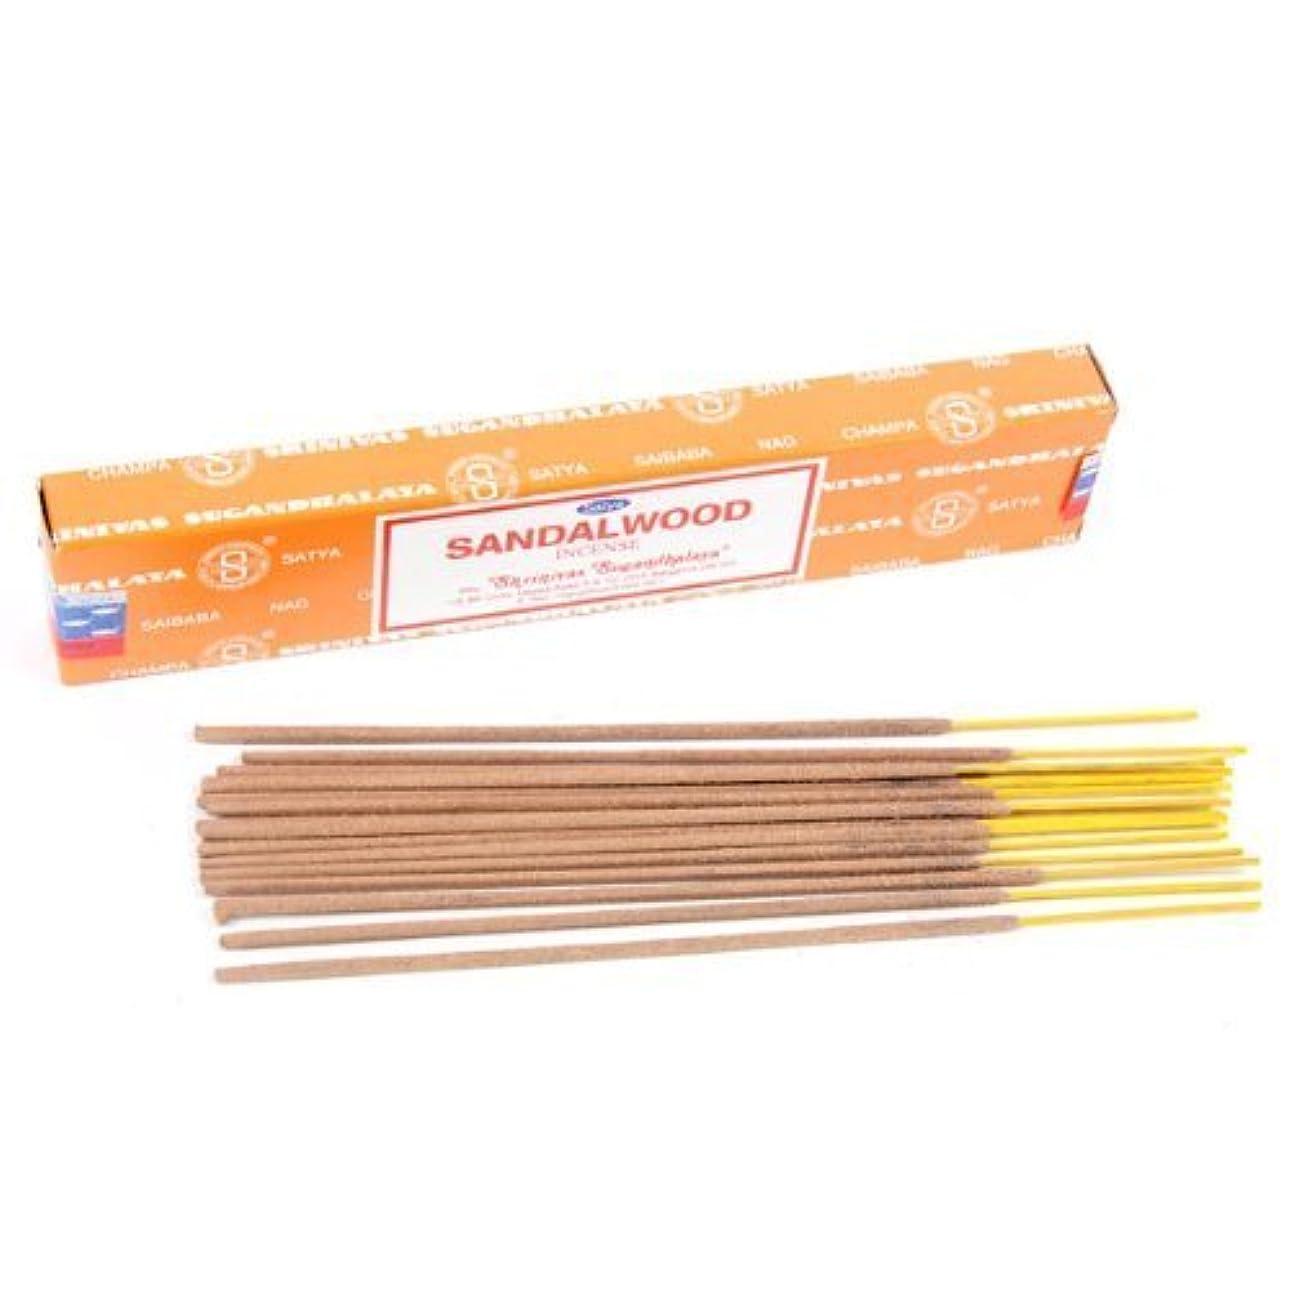 黒人ハッピー神学校Satya Sandalwood Nag Champa 12 Incense Sticks by Puckator [並行輸入品]